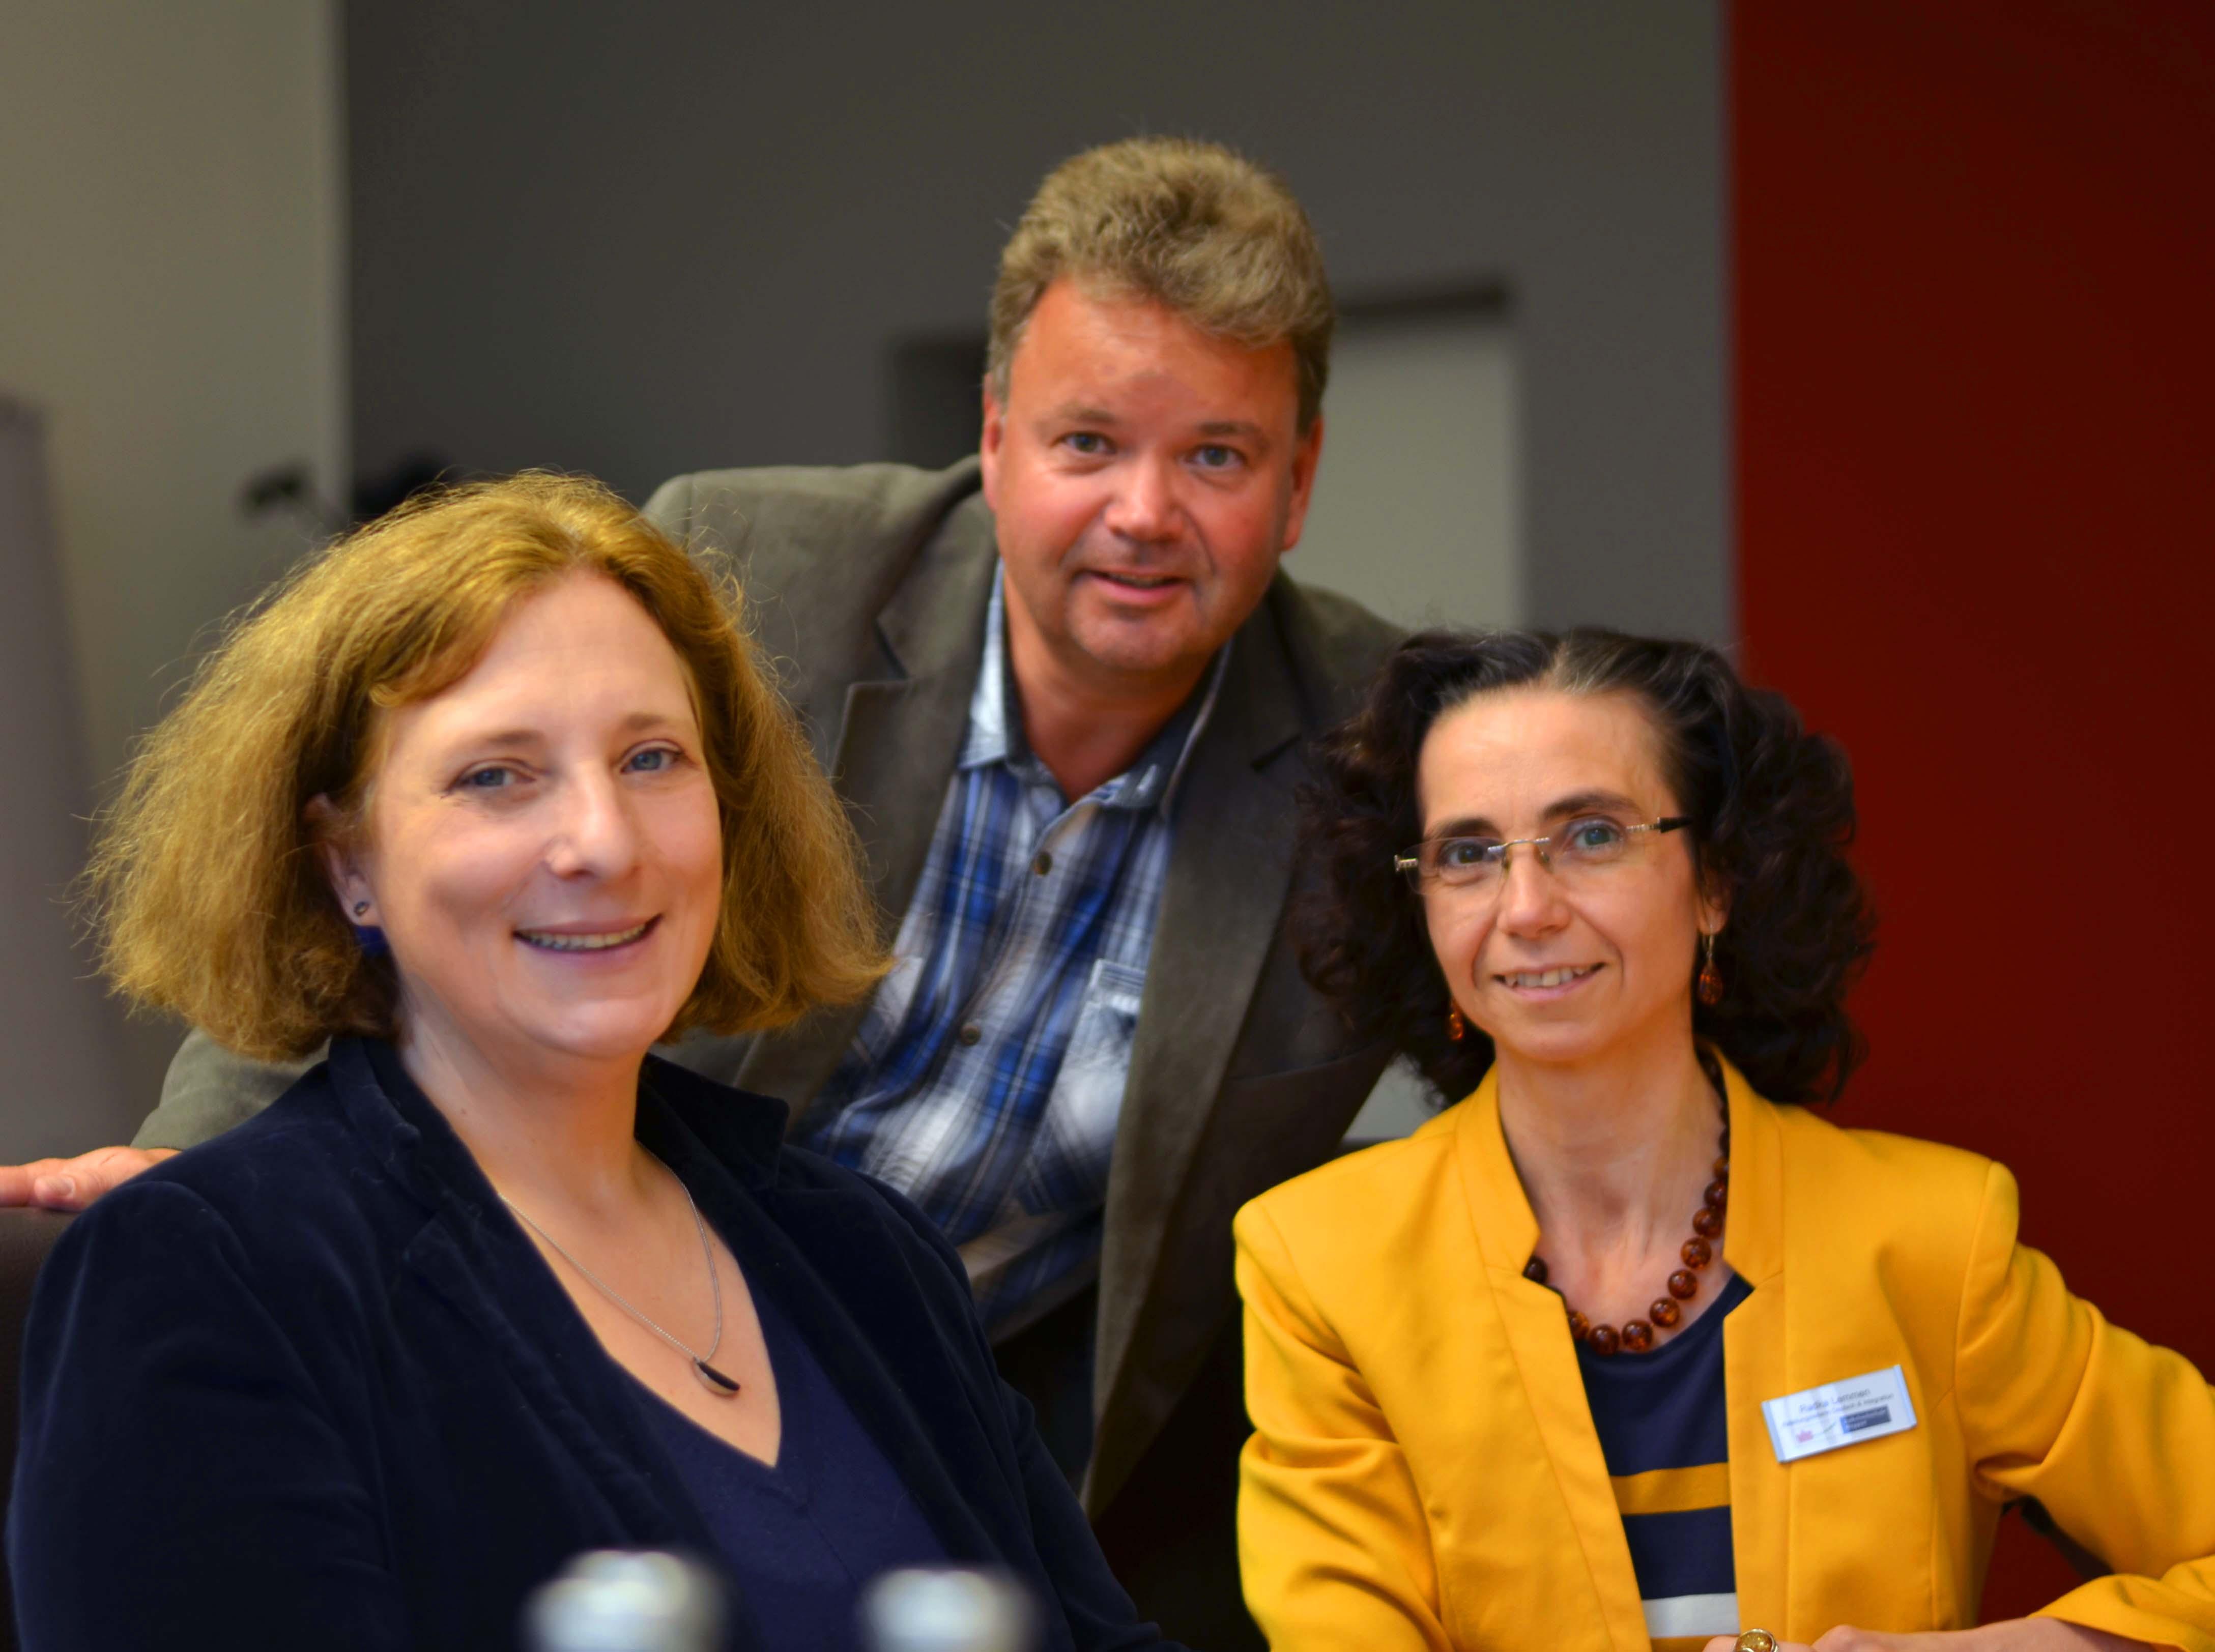 Dr. Daniela De Ridder, Matthias Walter, Radka Lemmen